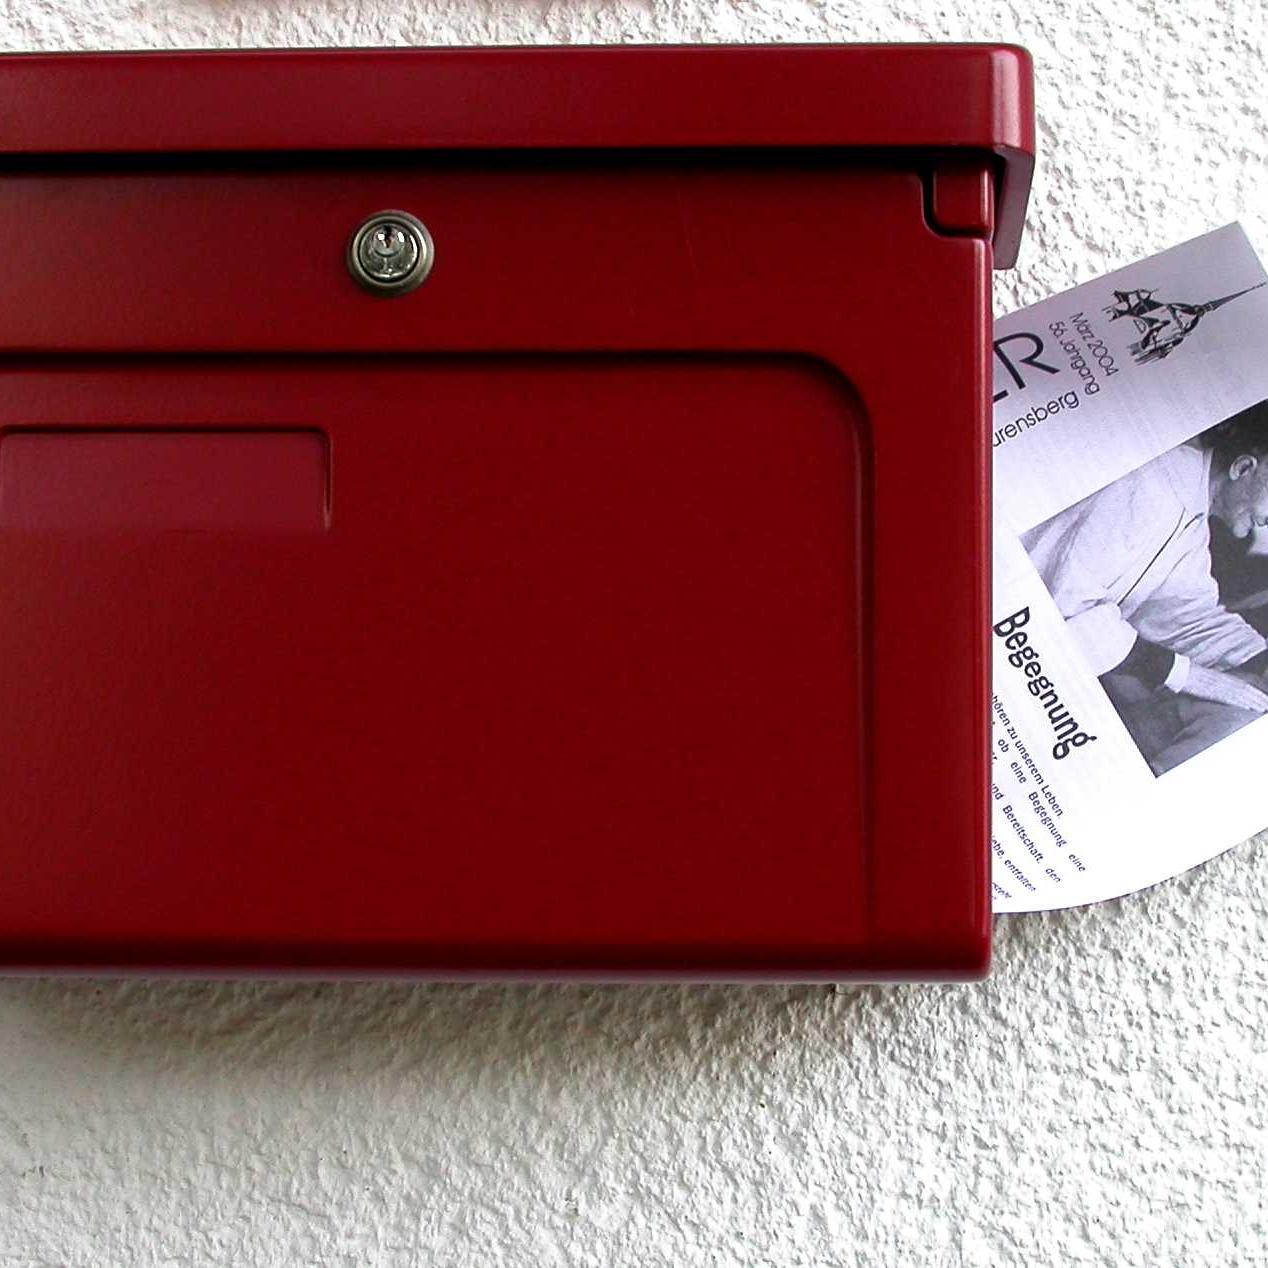 Briefkasten (c) Bild: Jürgen Damen In: Pfarrbriefservice.de